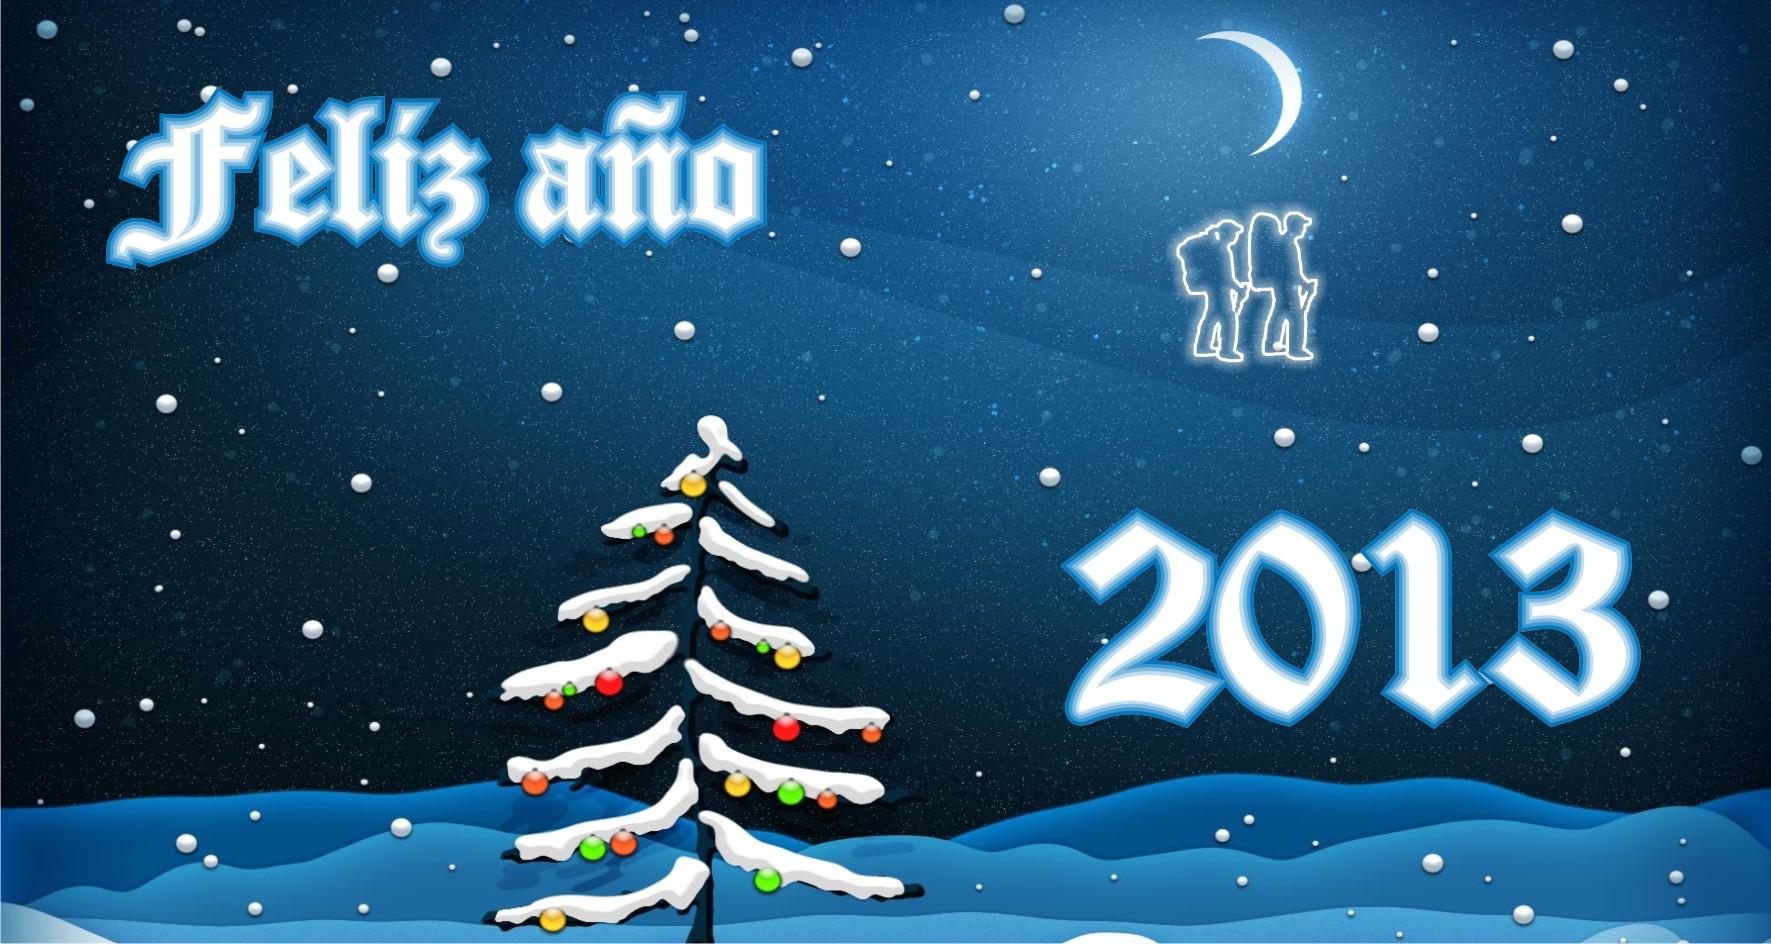 Contagem regressiva para o ano novo